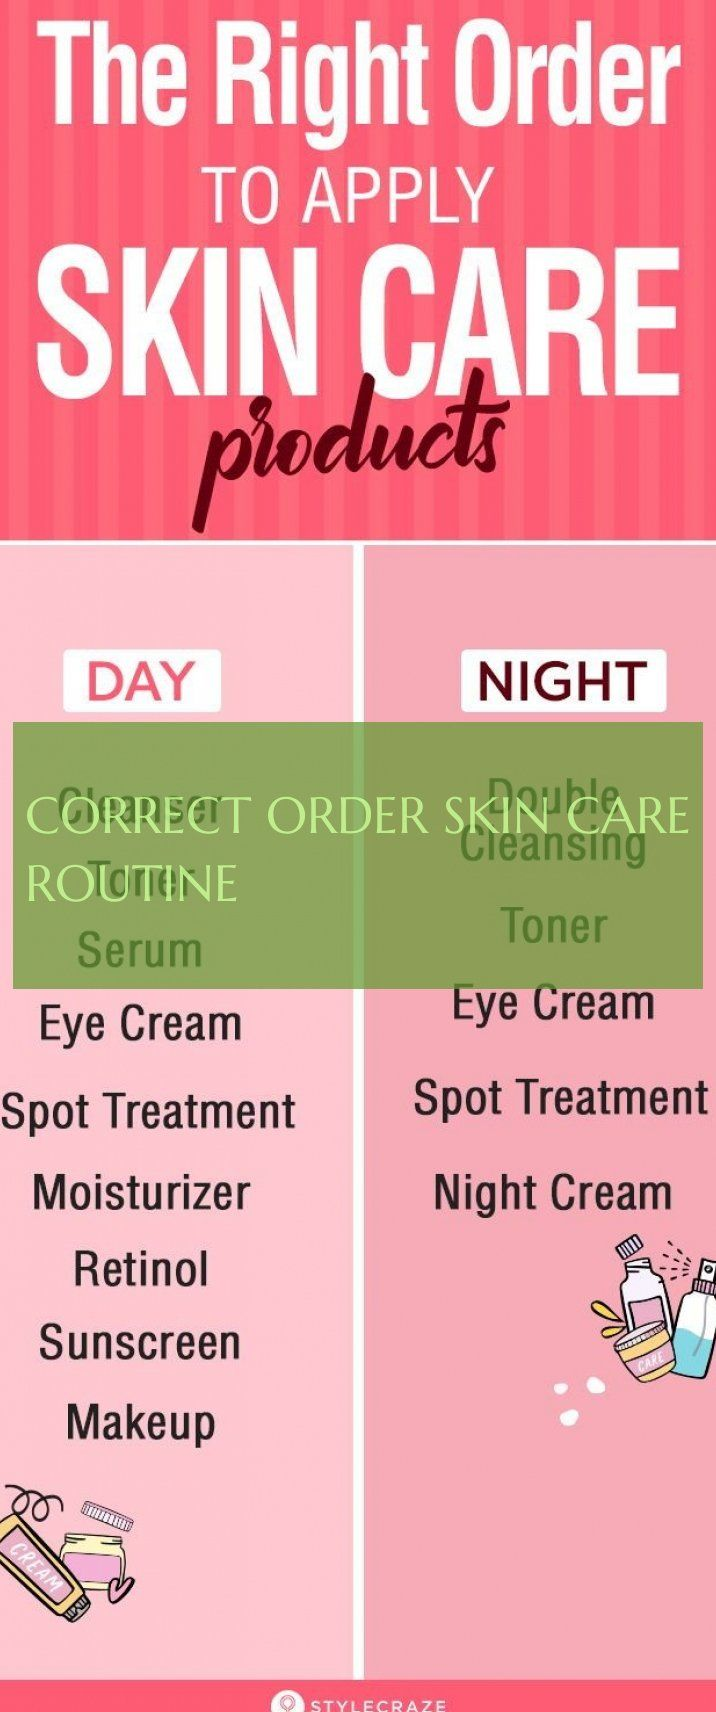 Correct Order Skin Care Routine Richtige Reihenfolge Der Hautpflege